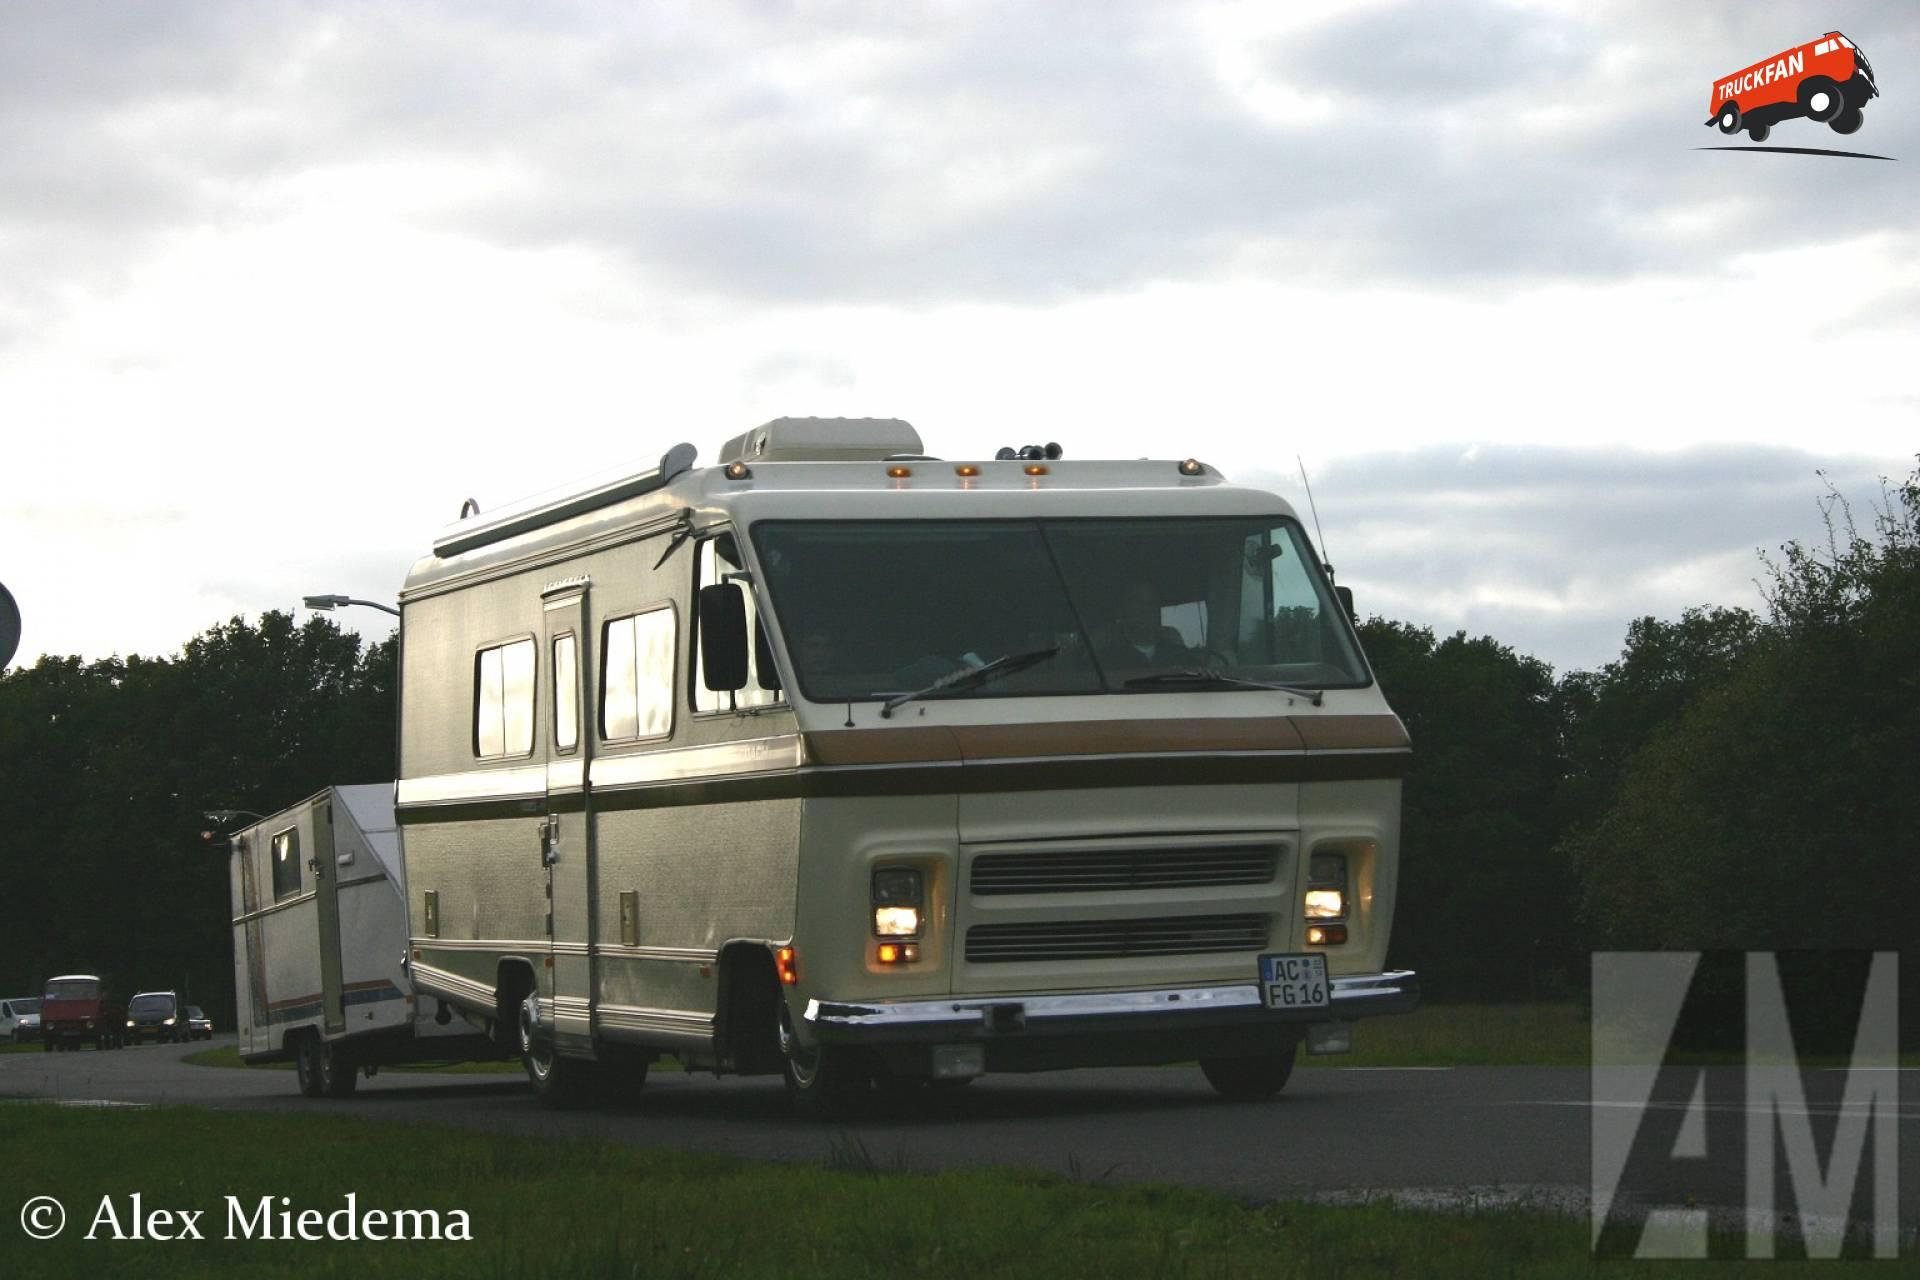 Sportscoach camper